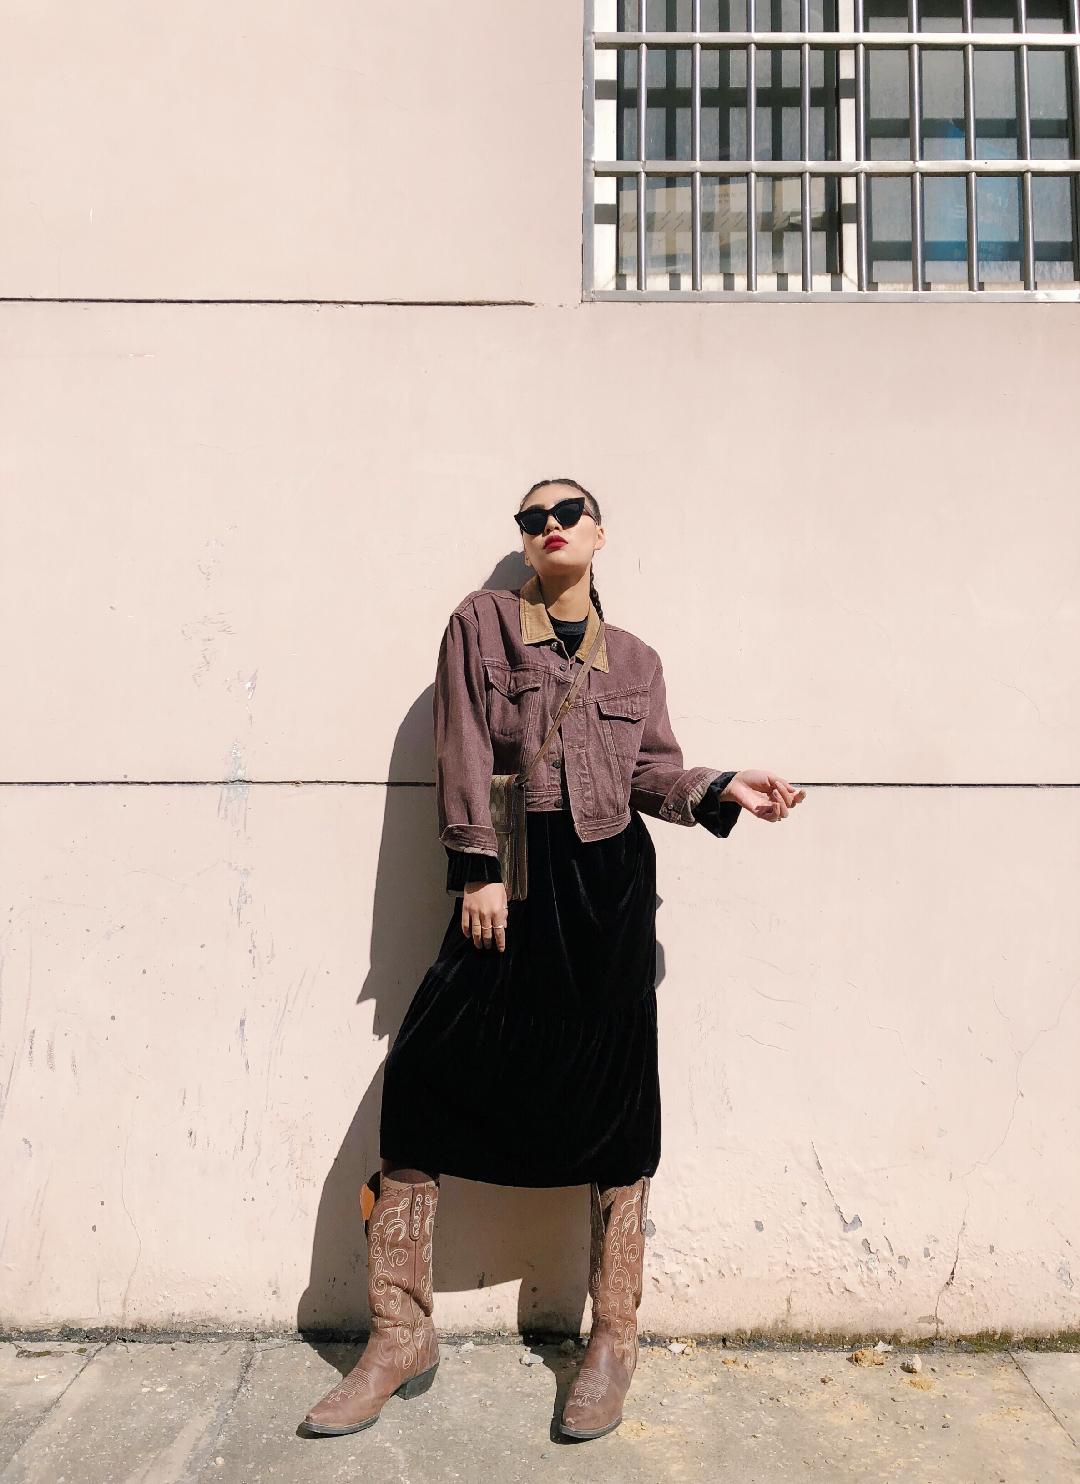 #凹造型我是不可能输的!# 好看的搭配是要搭配有趣的灵魂的 混搭我是认真的不骗你 洗水色较特殊的紫黄色颜色比较鲜亮 款式比较特别就是一个合格的外套 这才是牛仔 内搭我选了一个暗黑系小黑裙是天鹅绒的 材质上跟外套完全区分开 层次感明确清晰 脚上踩了一双靴子 你记住 冬天只有靴子最显高最保暖 最深情